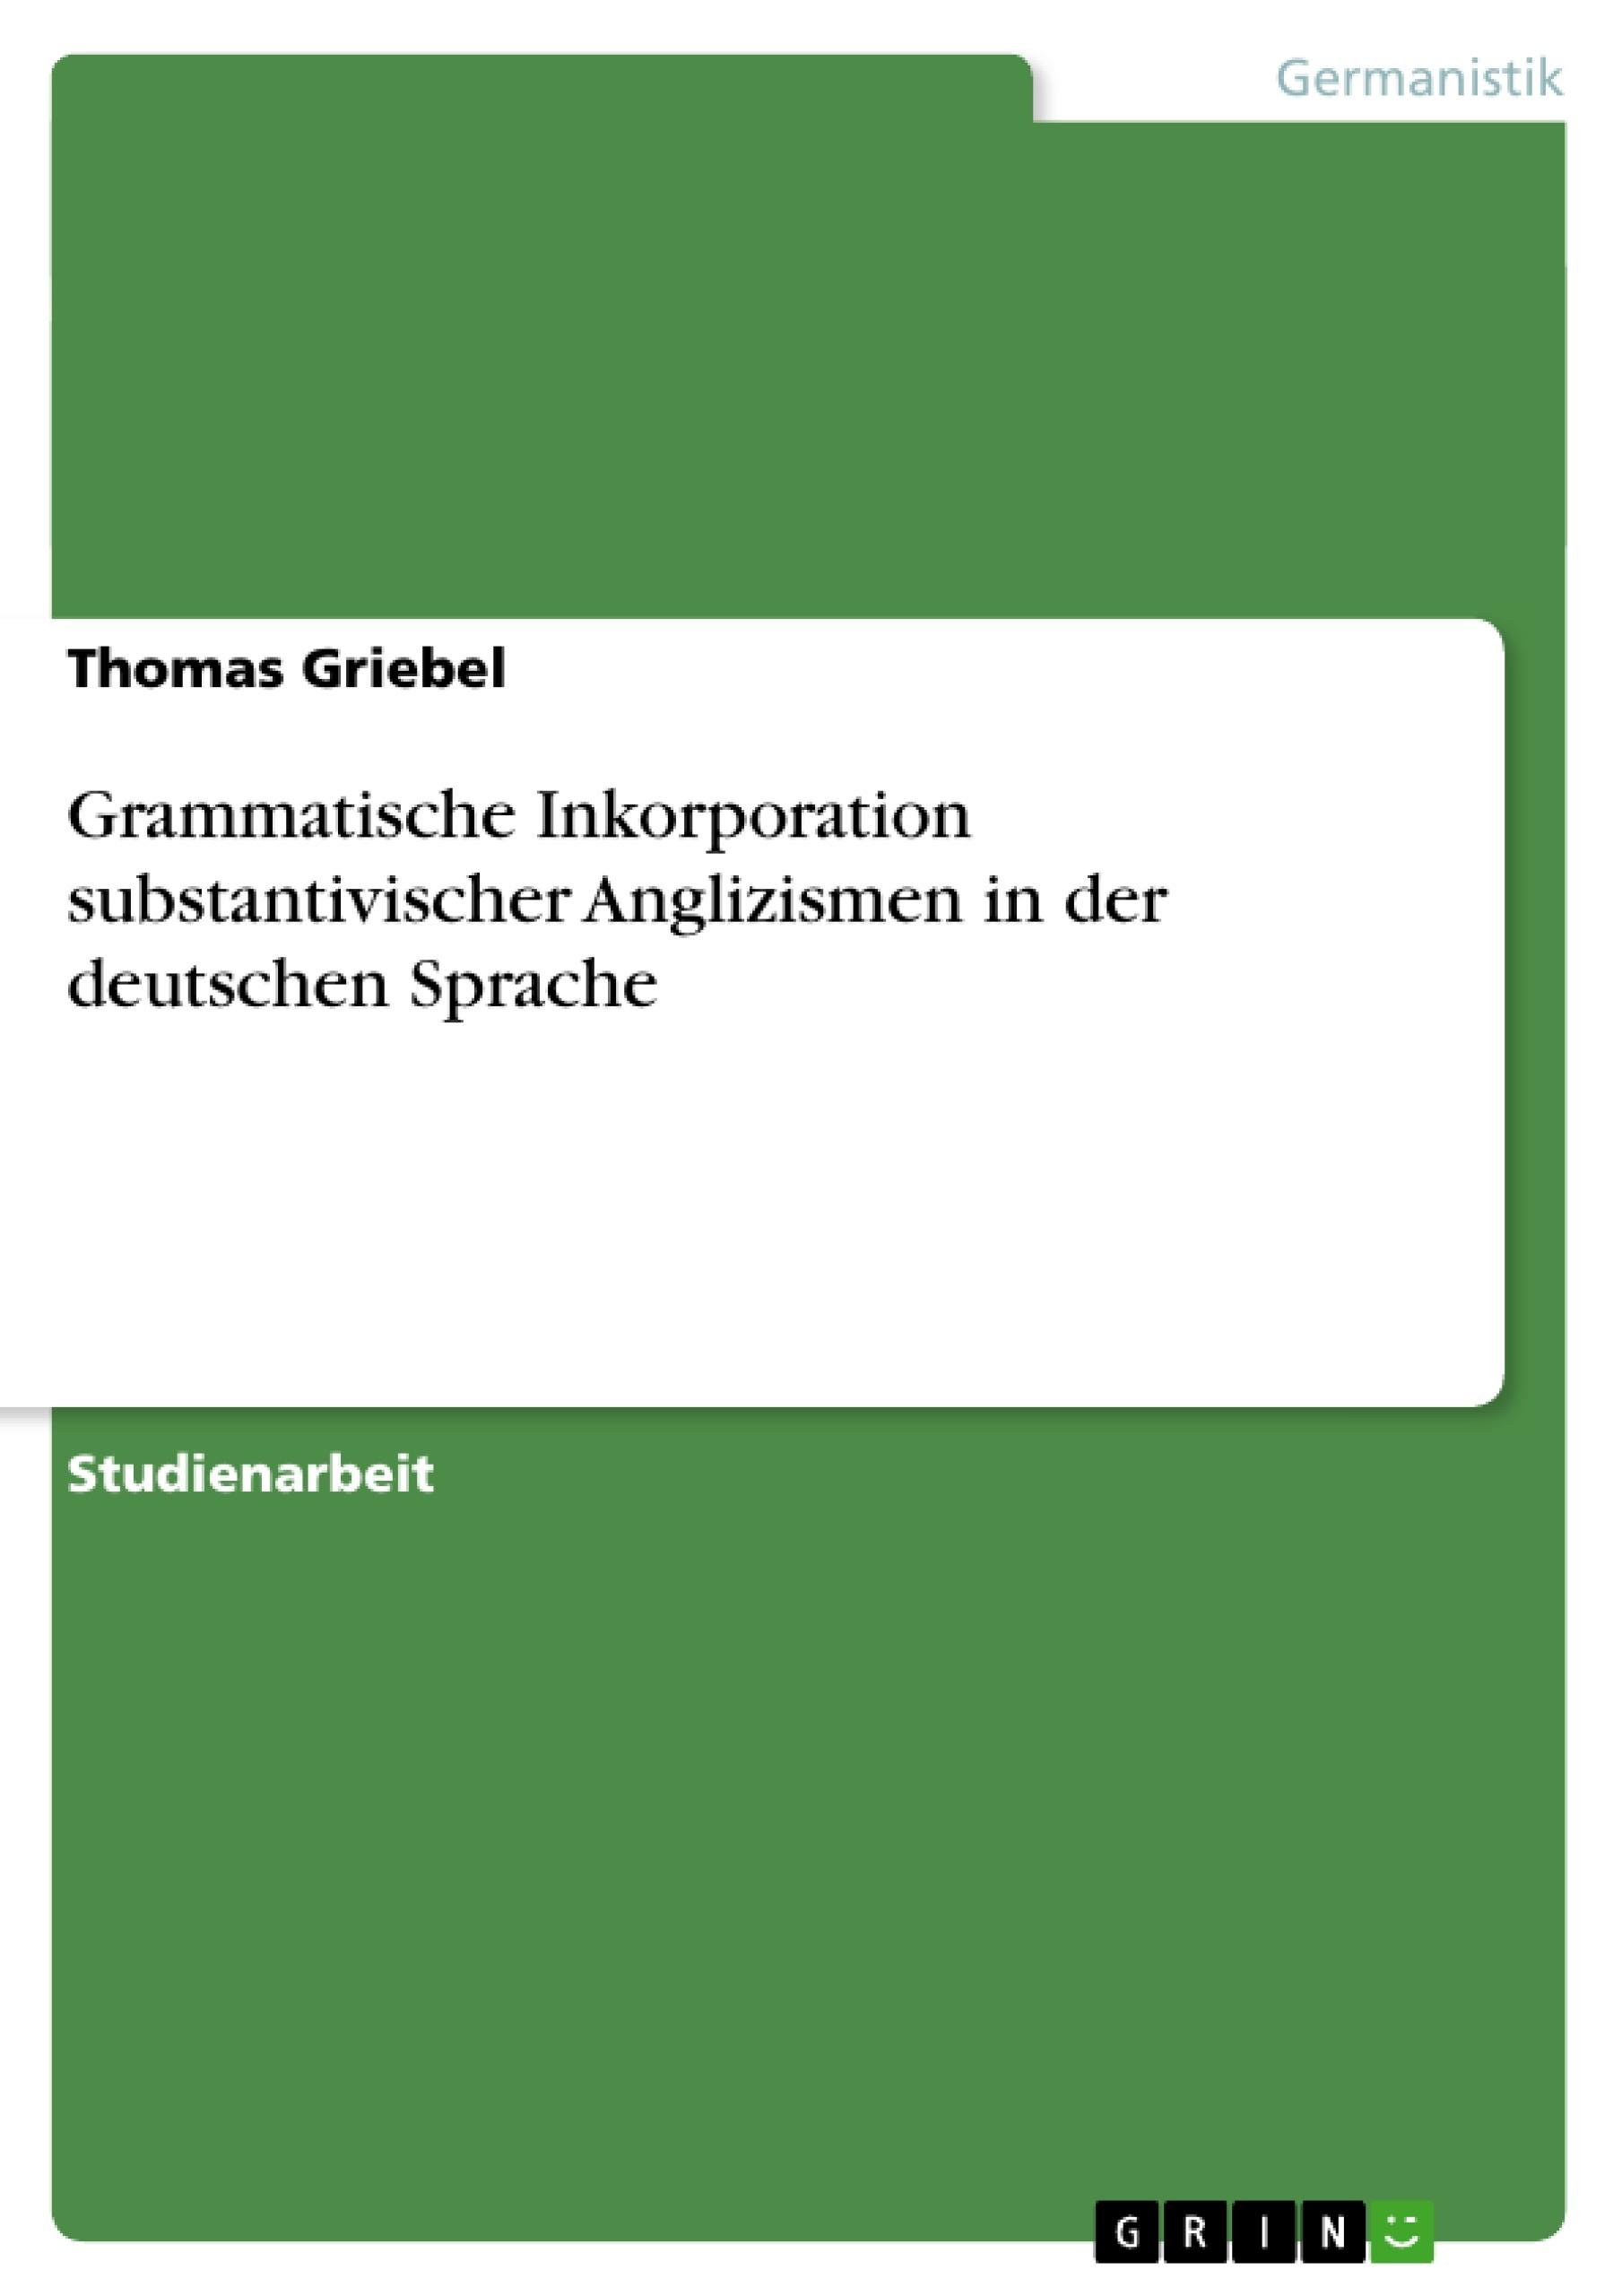 Titel: Grammatische Inkorporation substantivischer Anglizismen in der deutschen Sprache